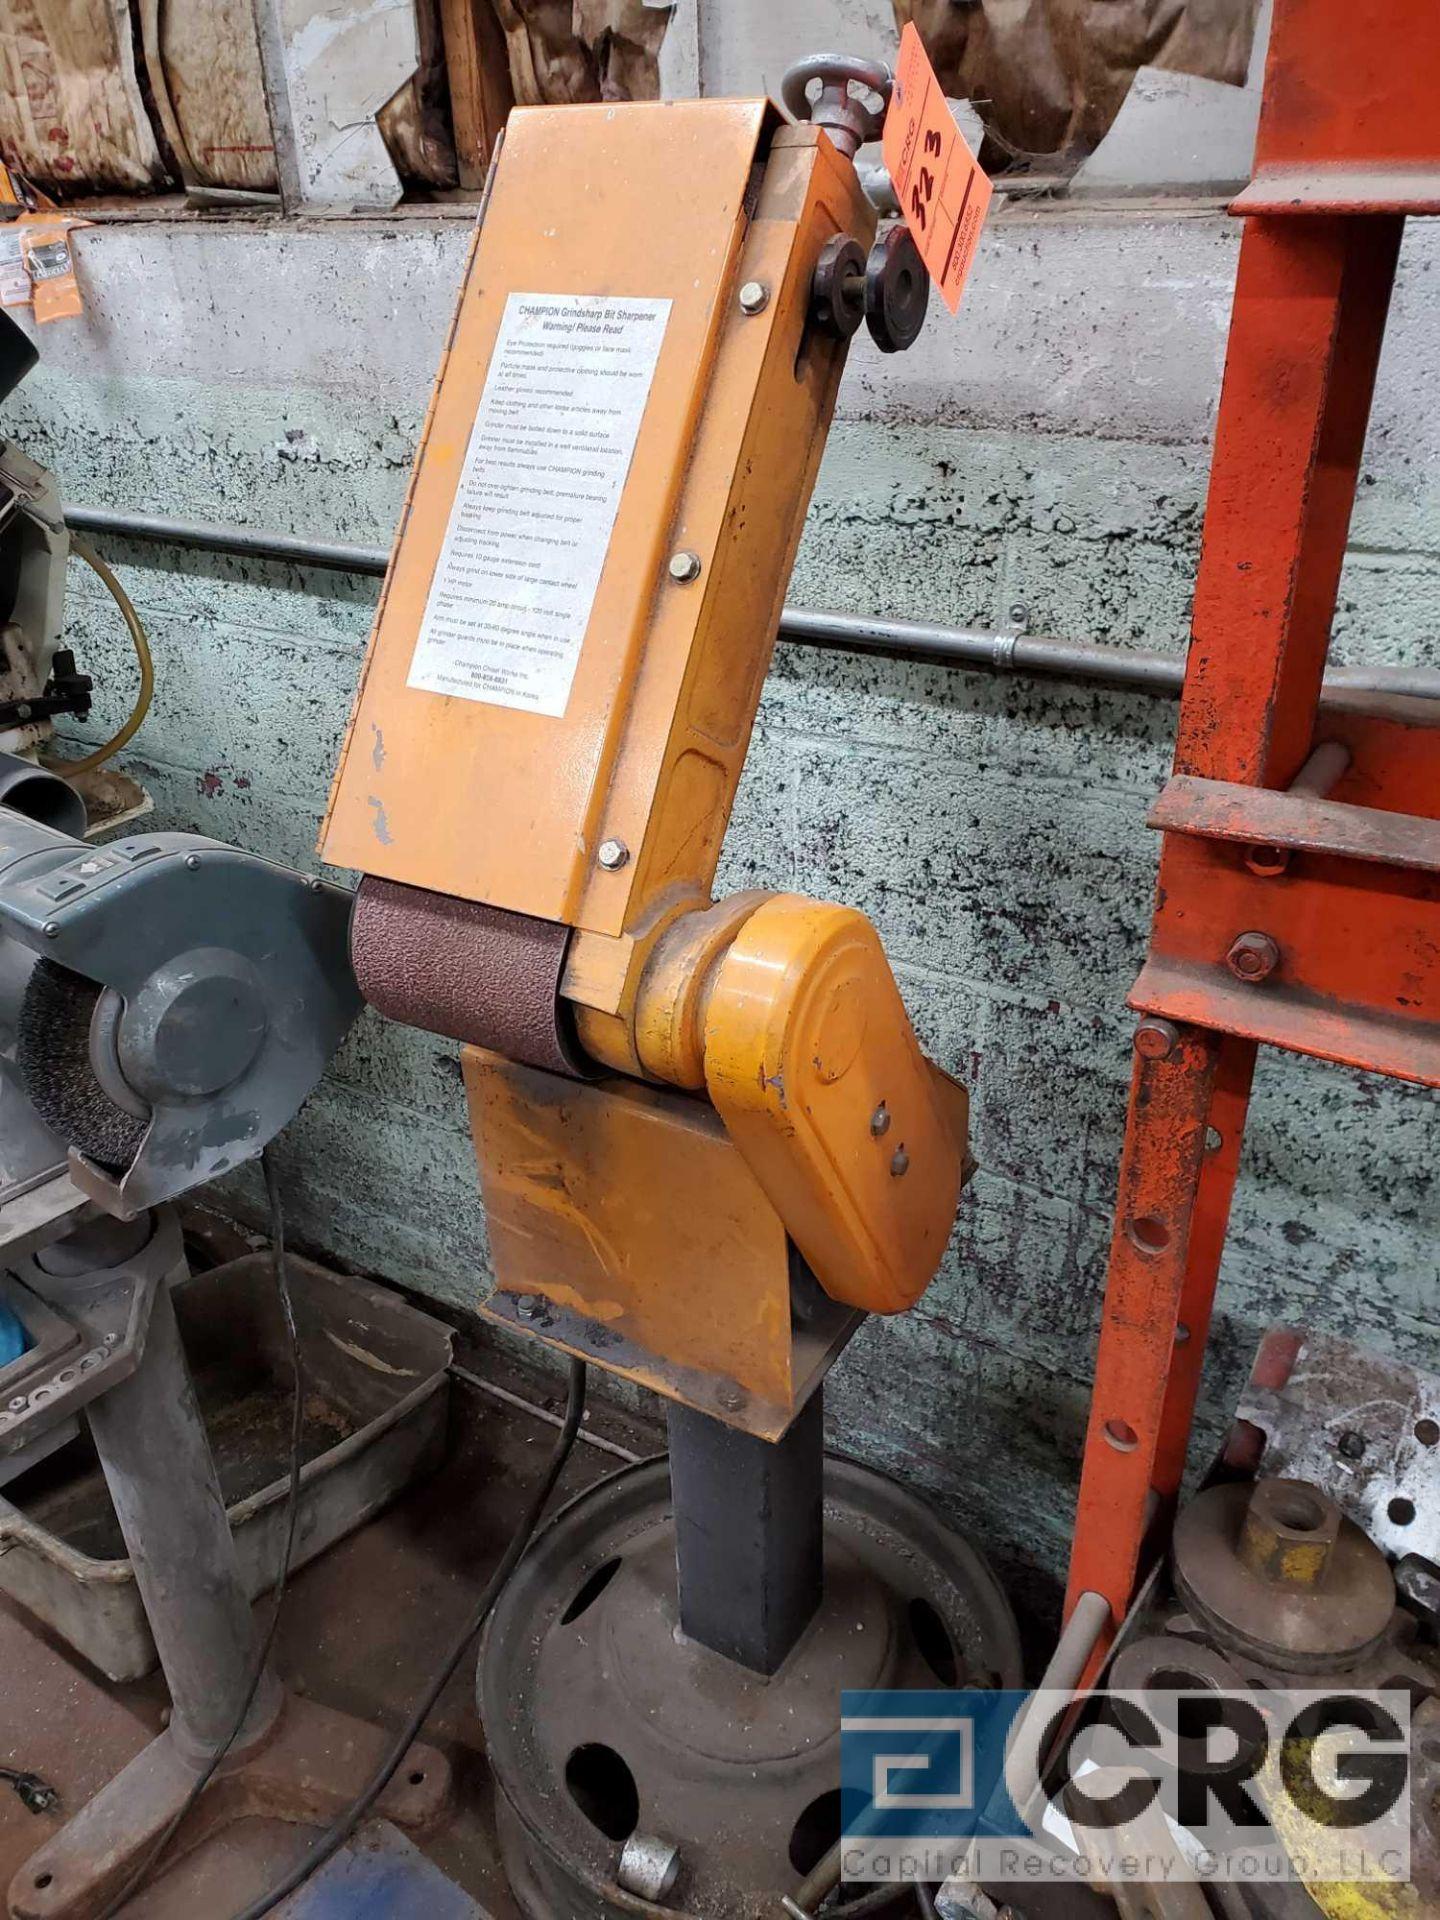 Lot 323 - Champion 6 inch belt grindsharp belt sander, 1 phase